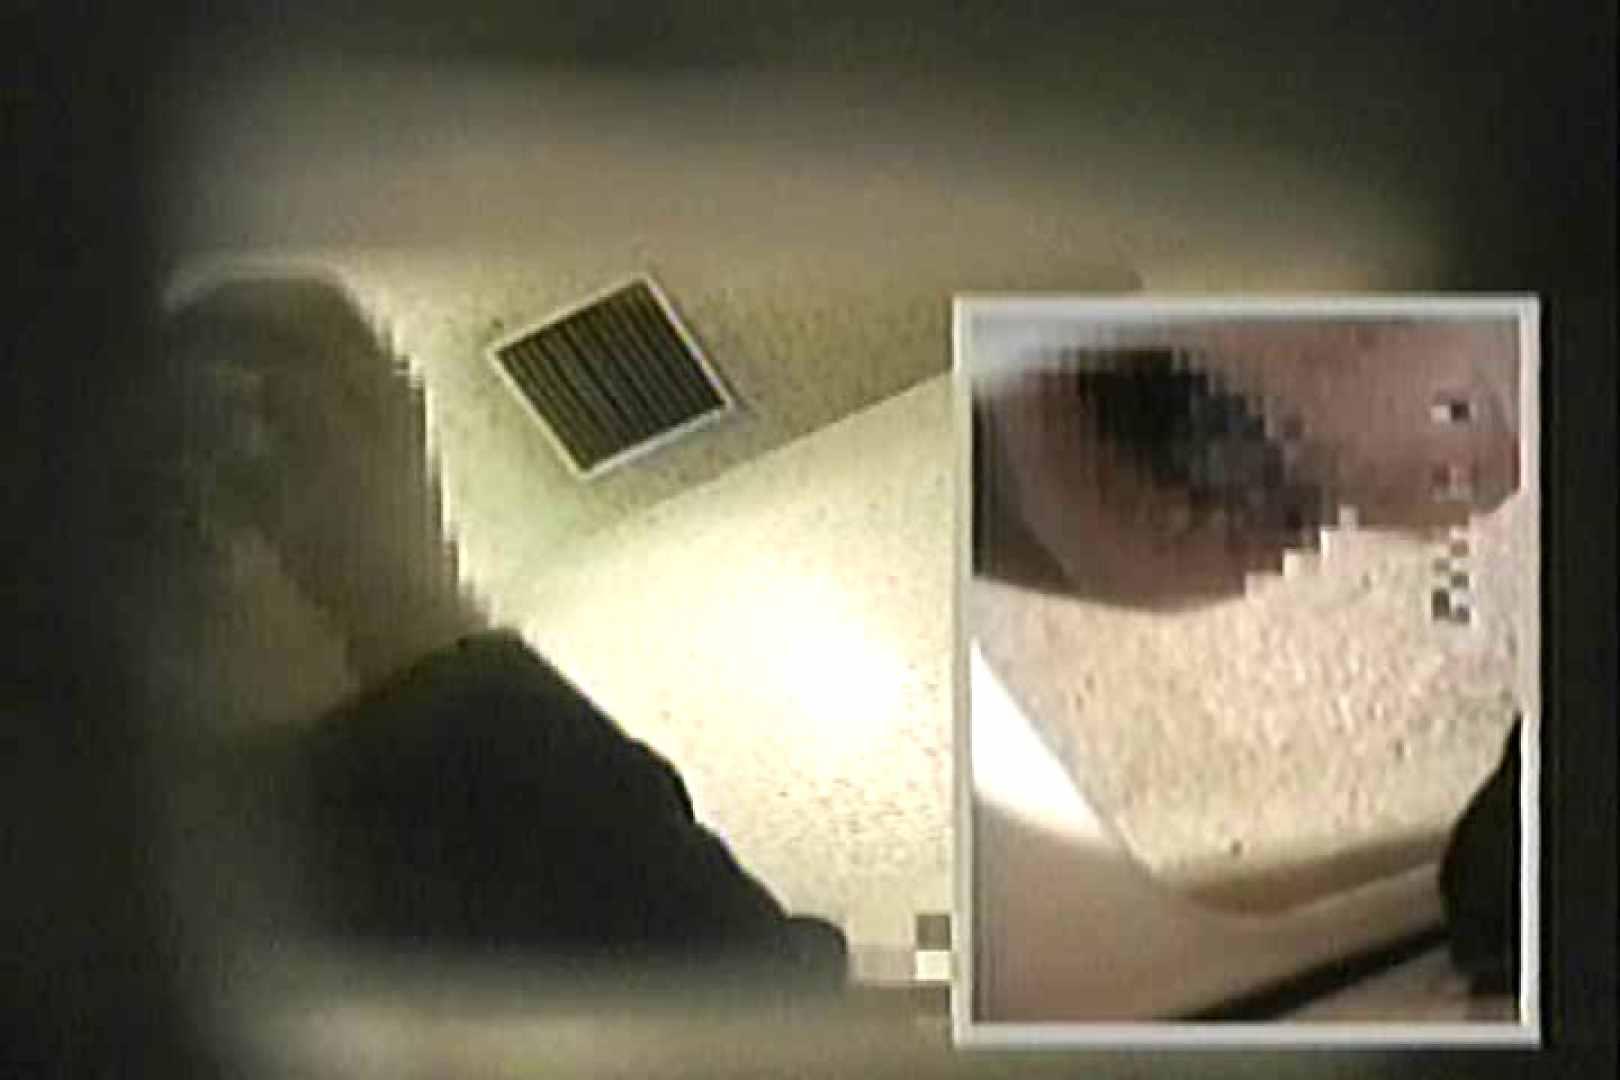 女子洗面所盗撮 今度の2カメは若い子だらけ  TK-127 洗面所 | おまんこ無修正  62pic 31